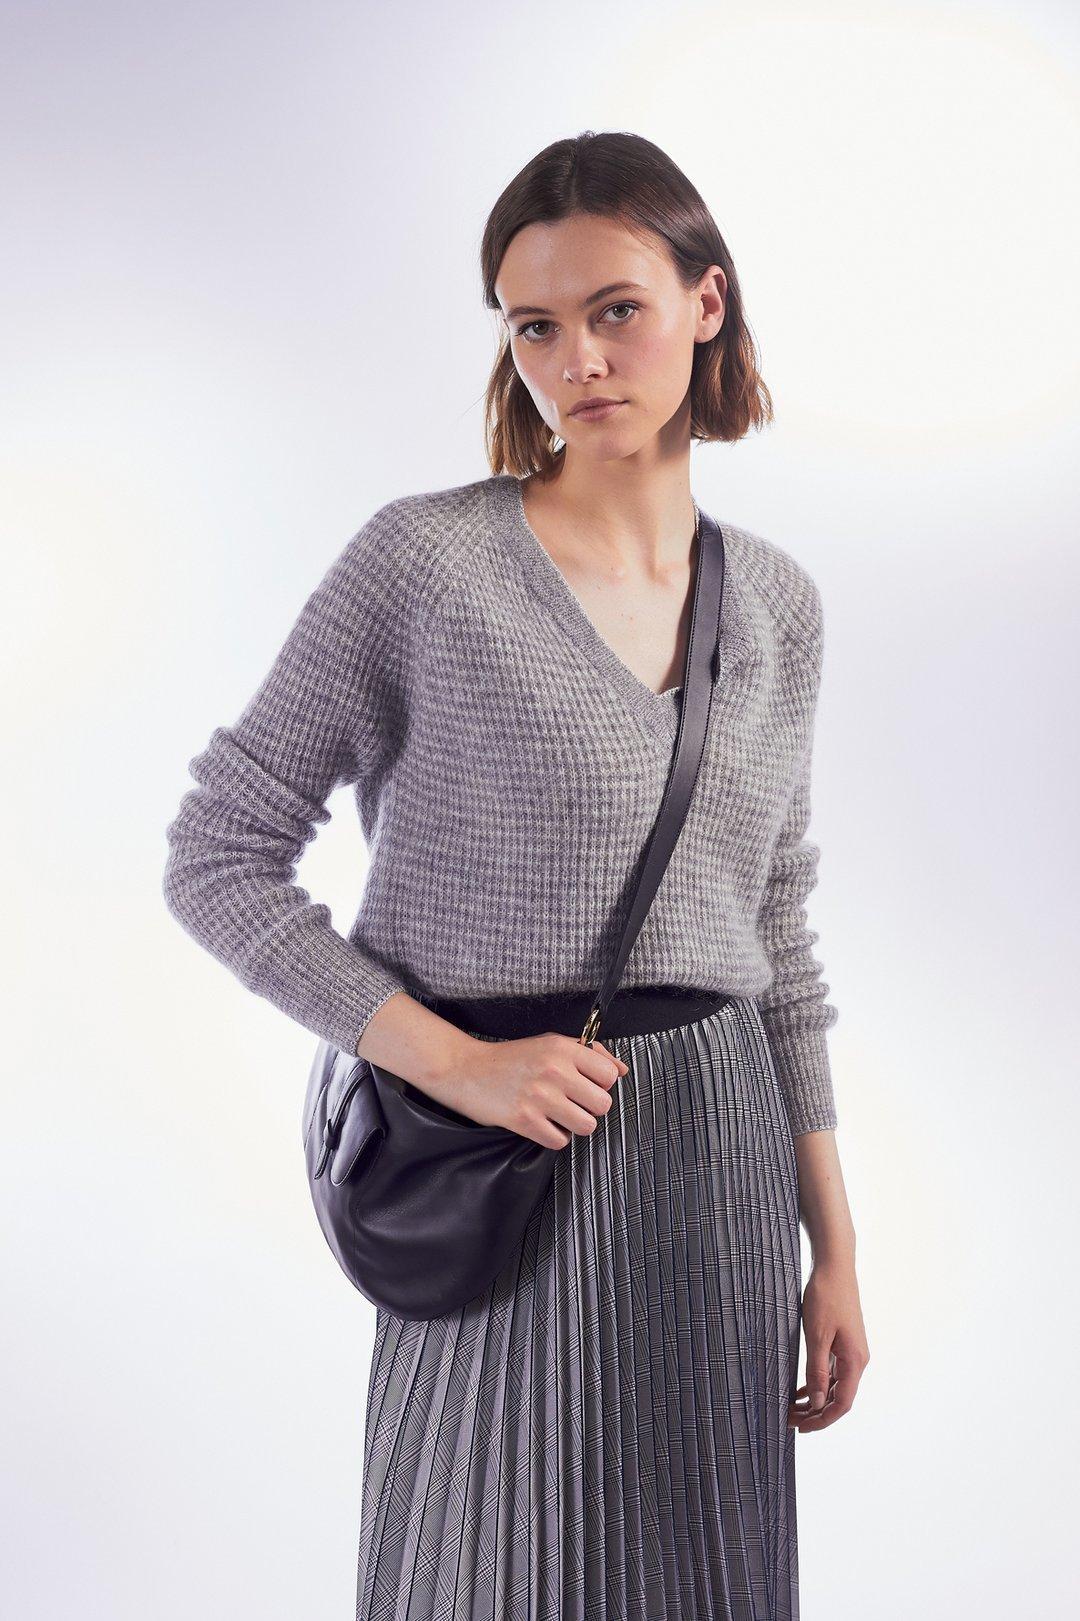 NATHIS - Пуловер с V-образным вырезом